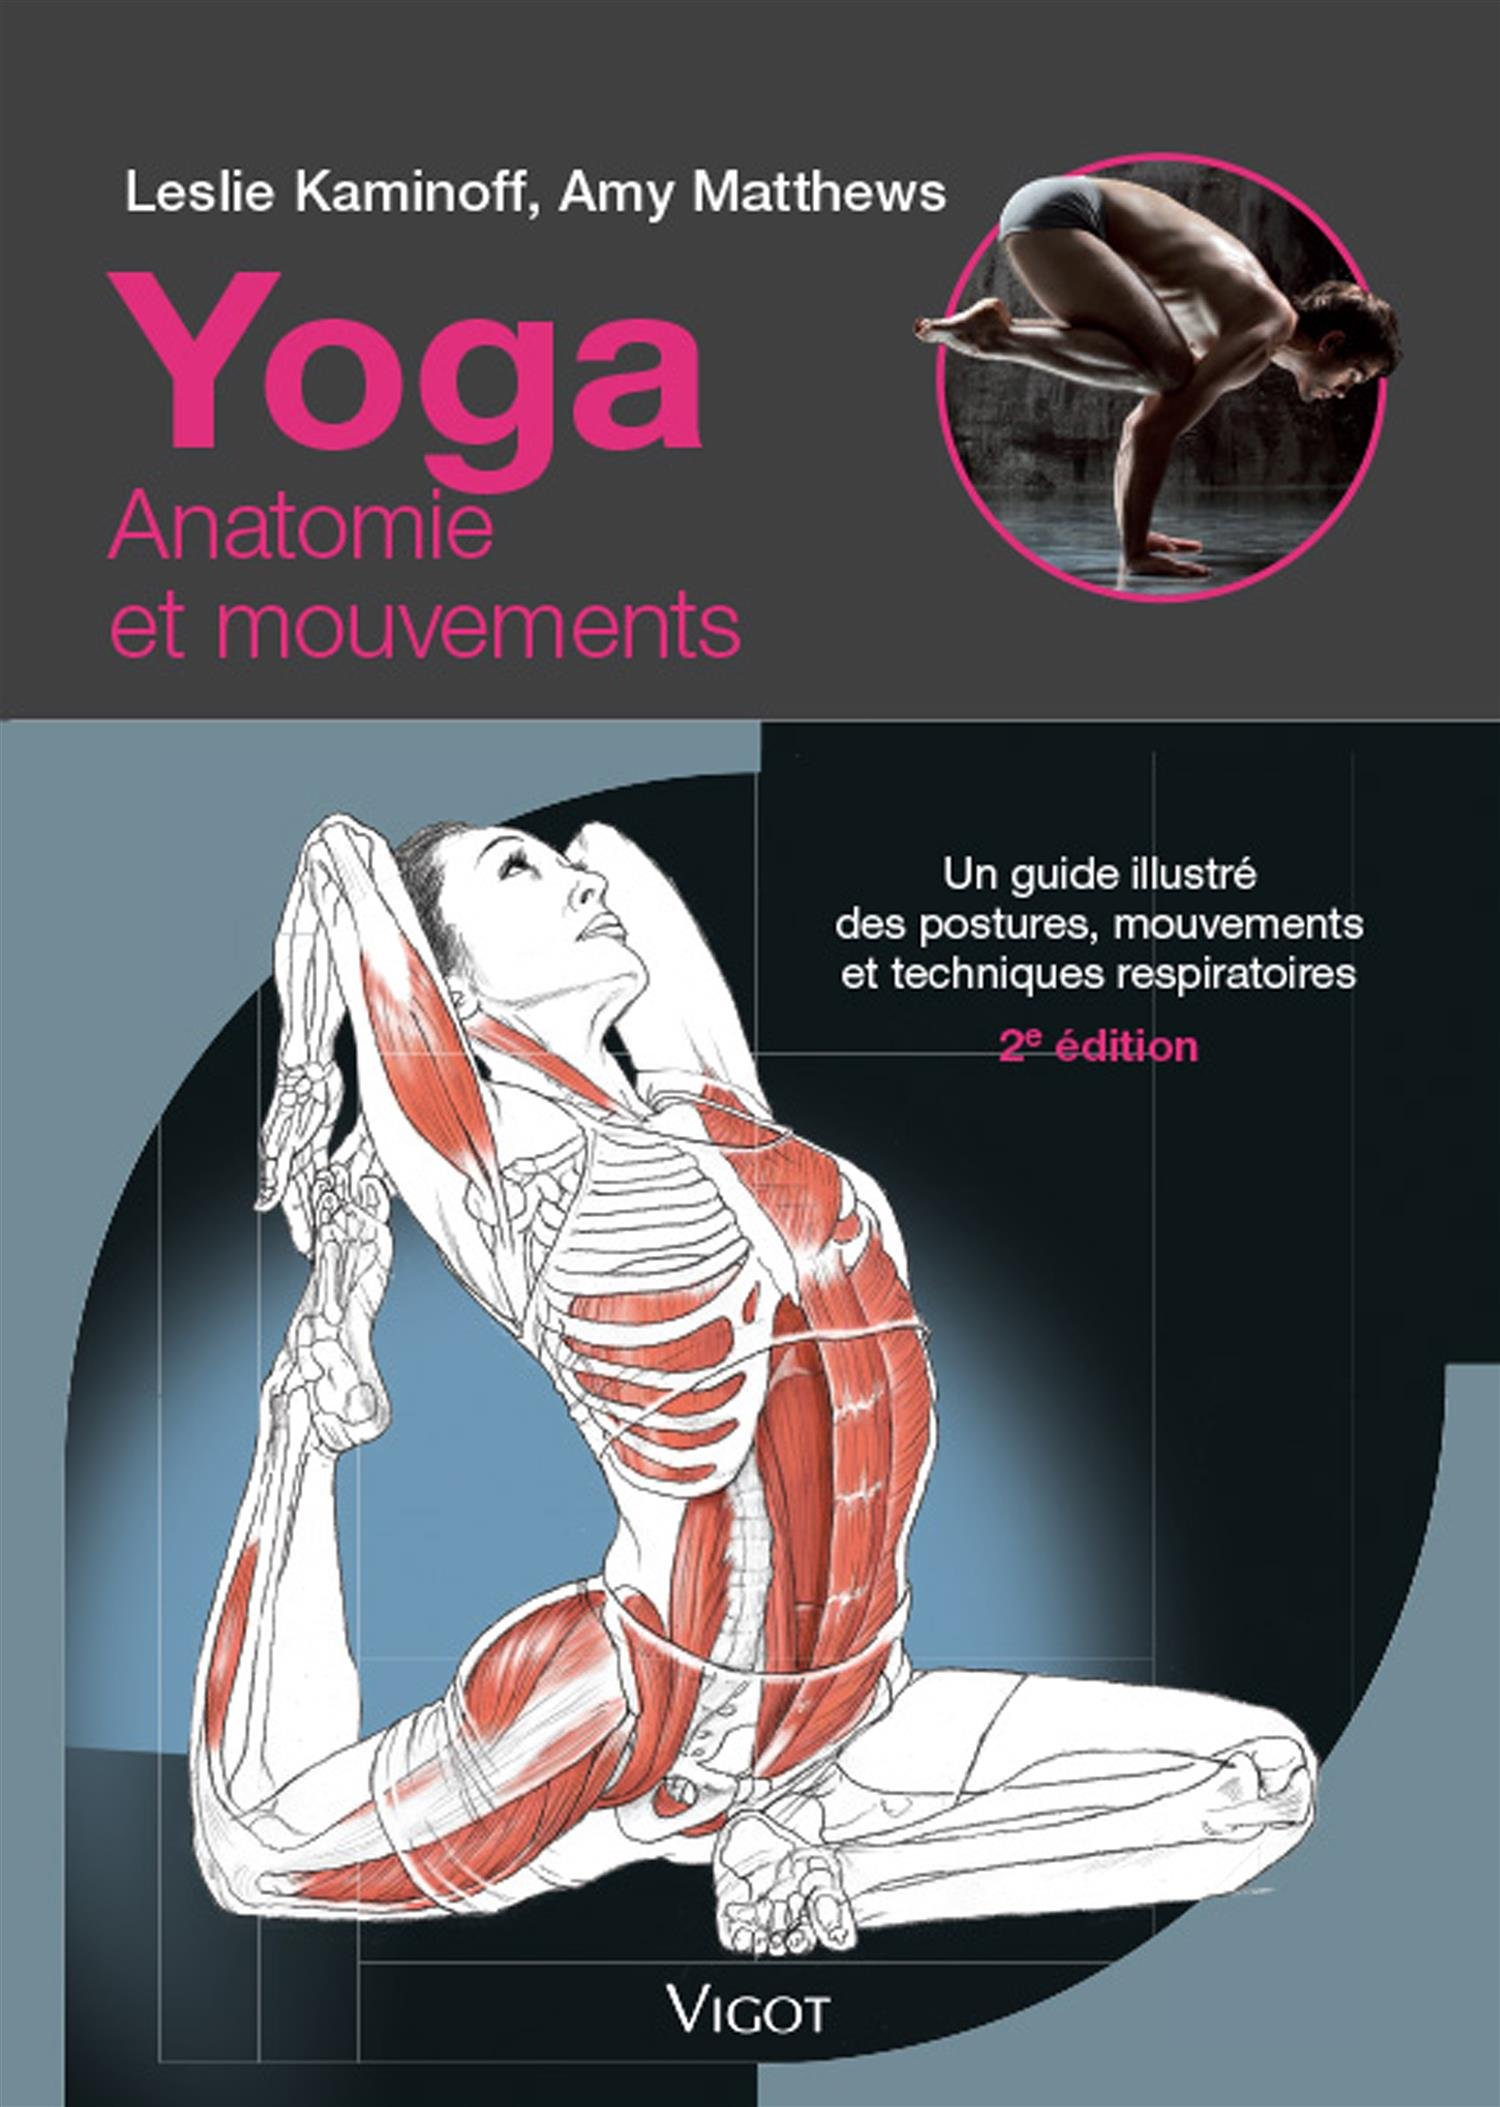 Yoga un guide illustre des postures, mouvements et ...